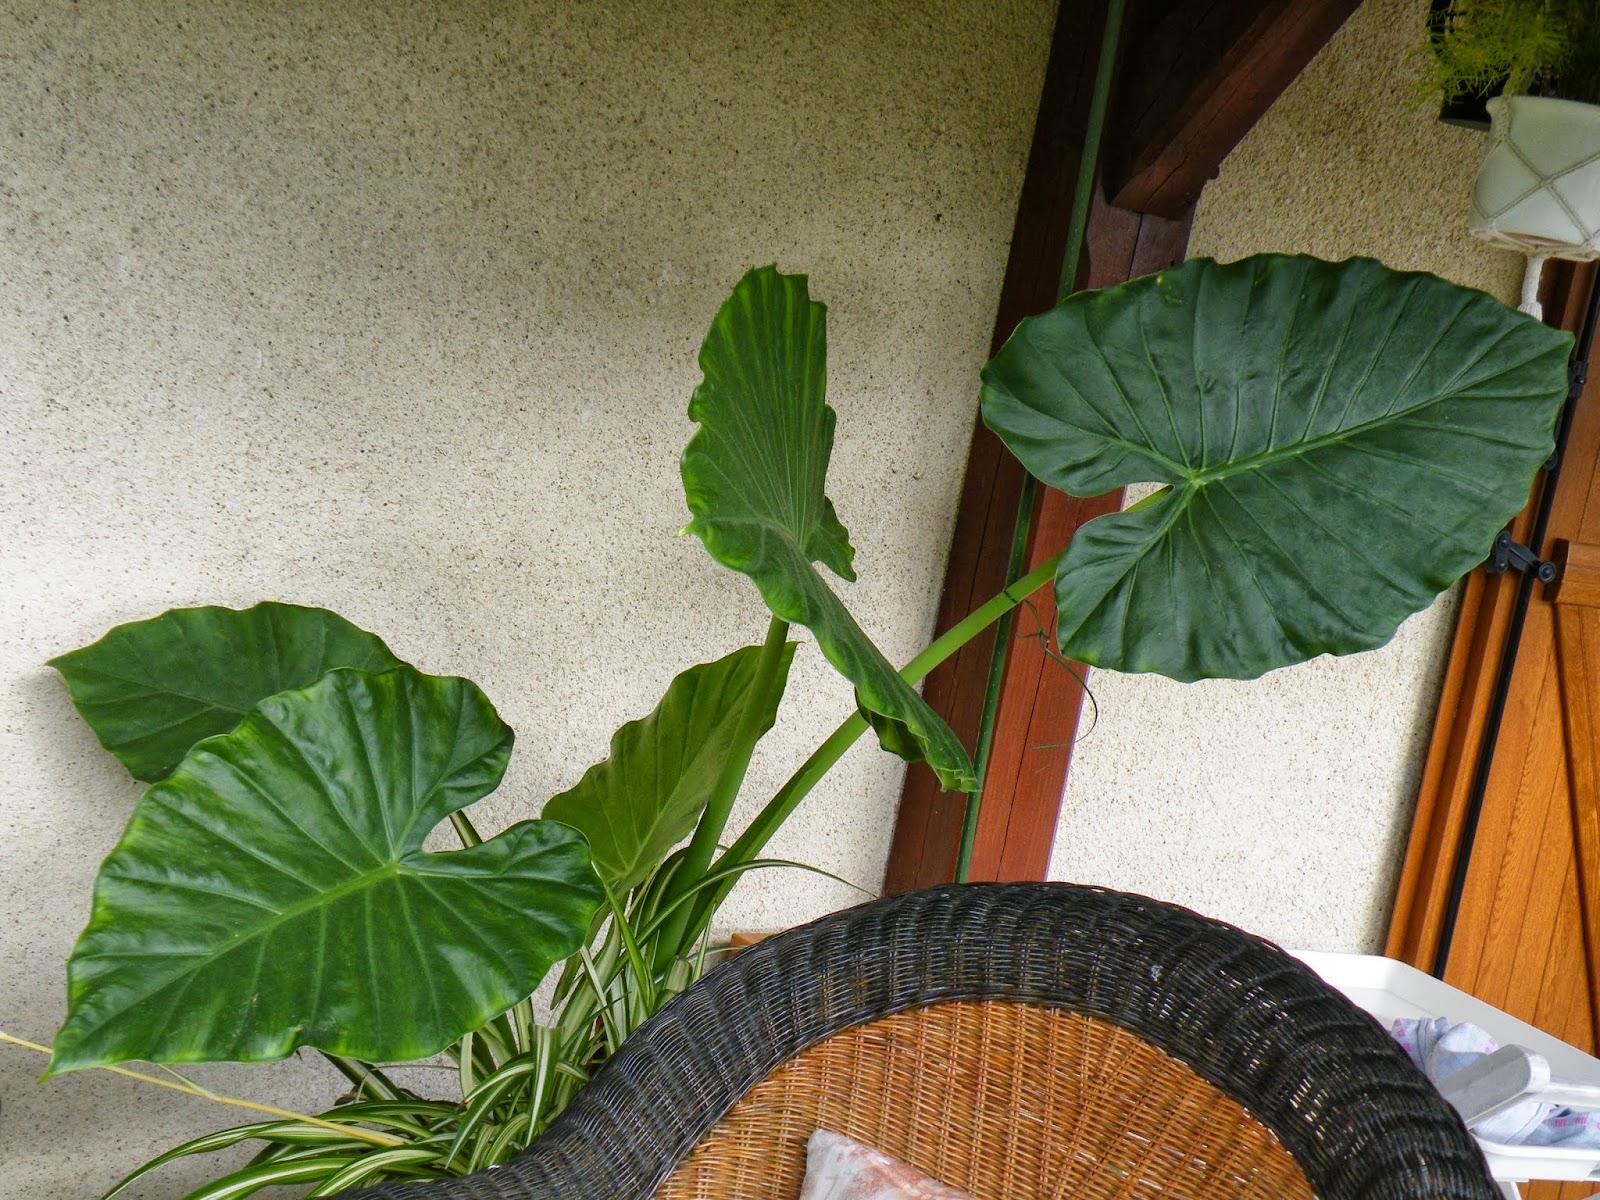 Du four au jardin et mes dix doigts plante verte for Plante au jardin